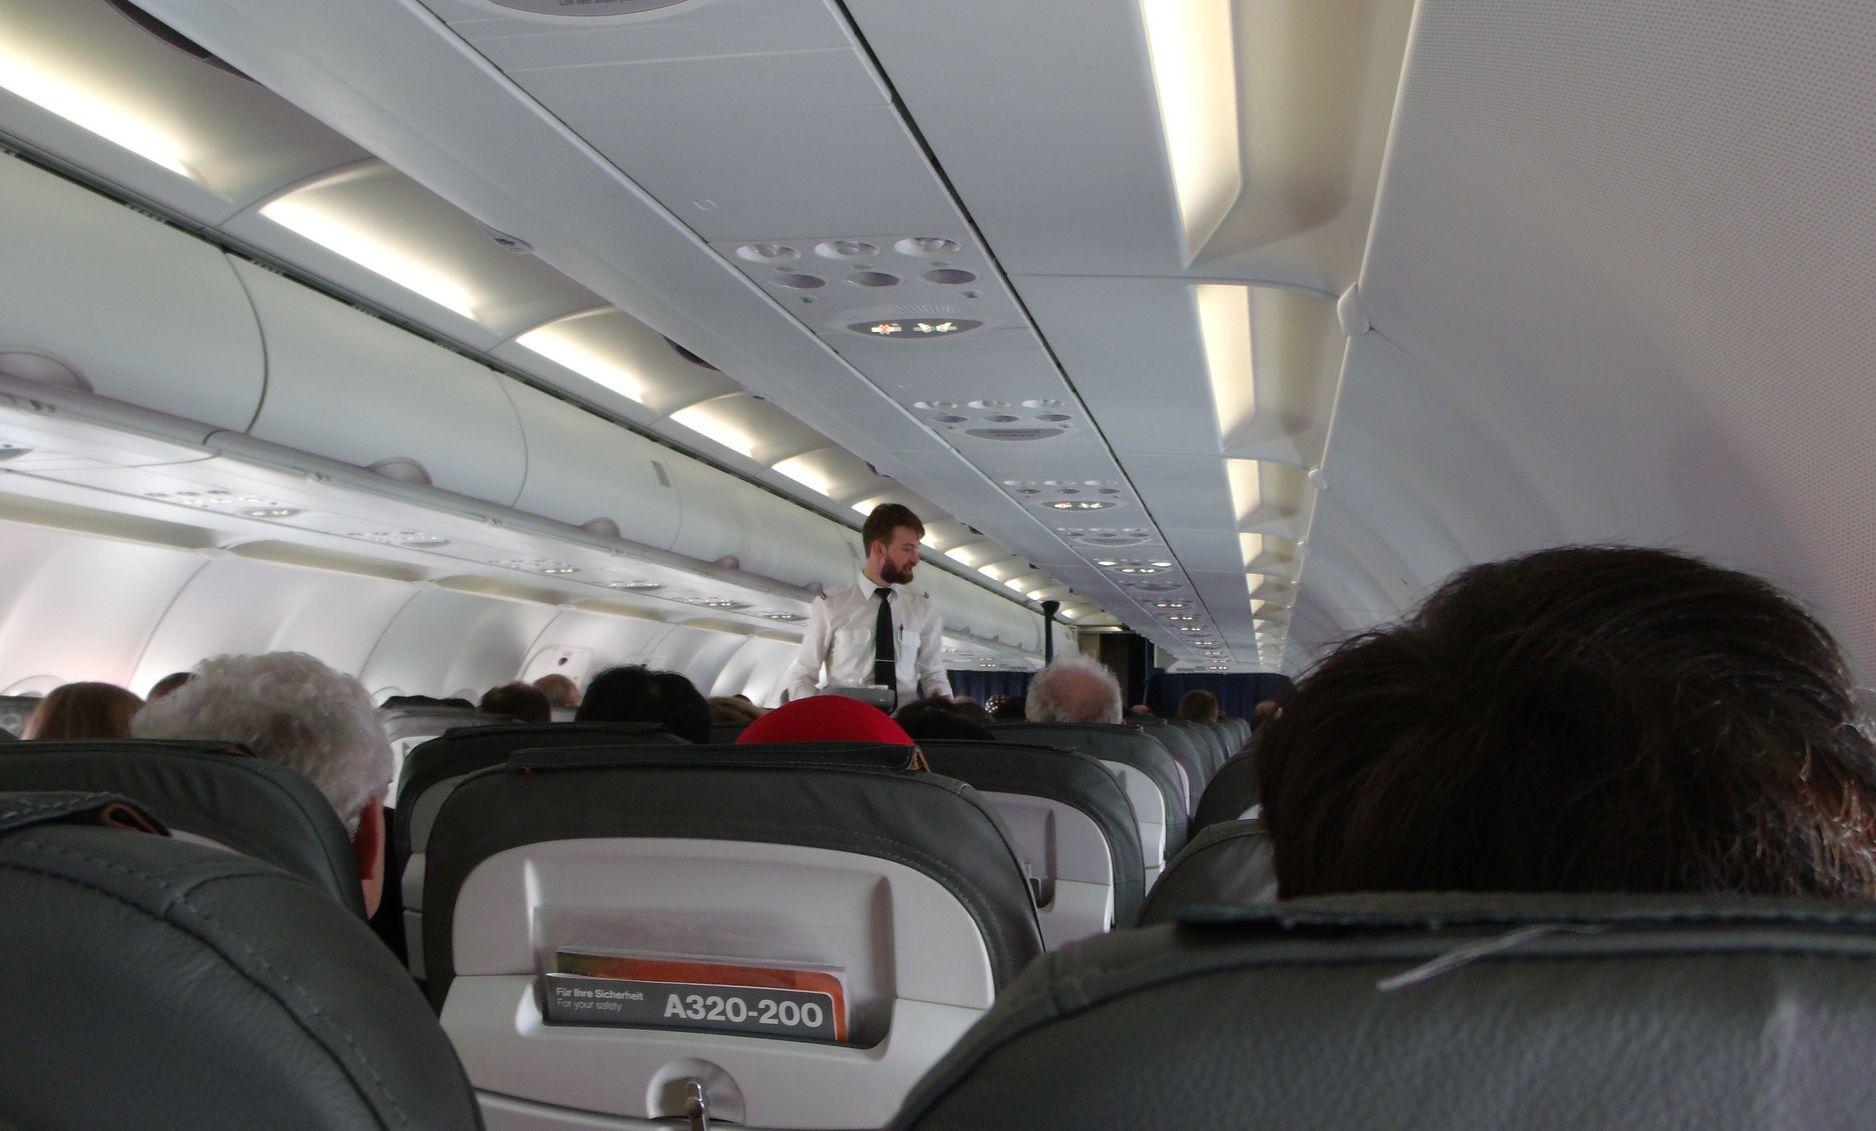 הוראות בטיחות בטיסה